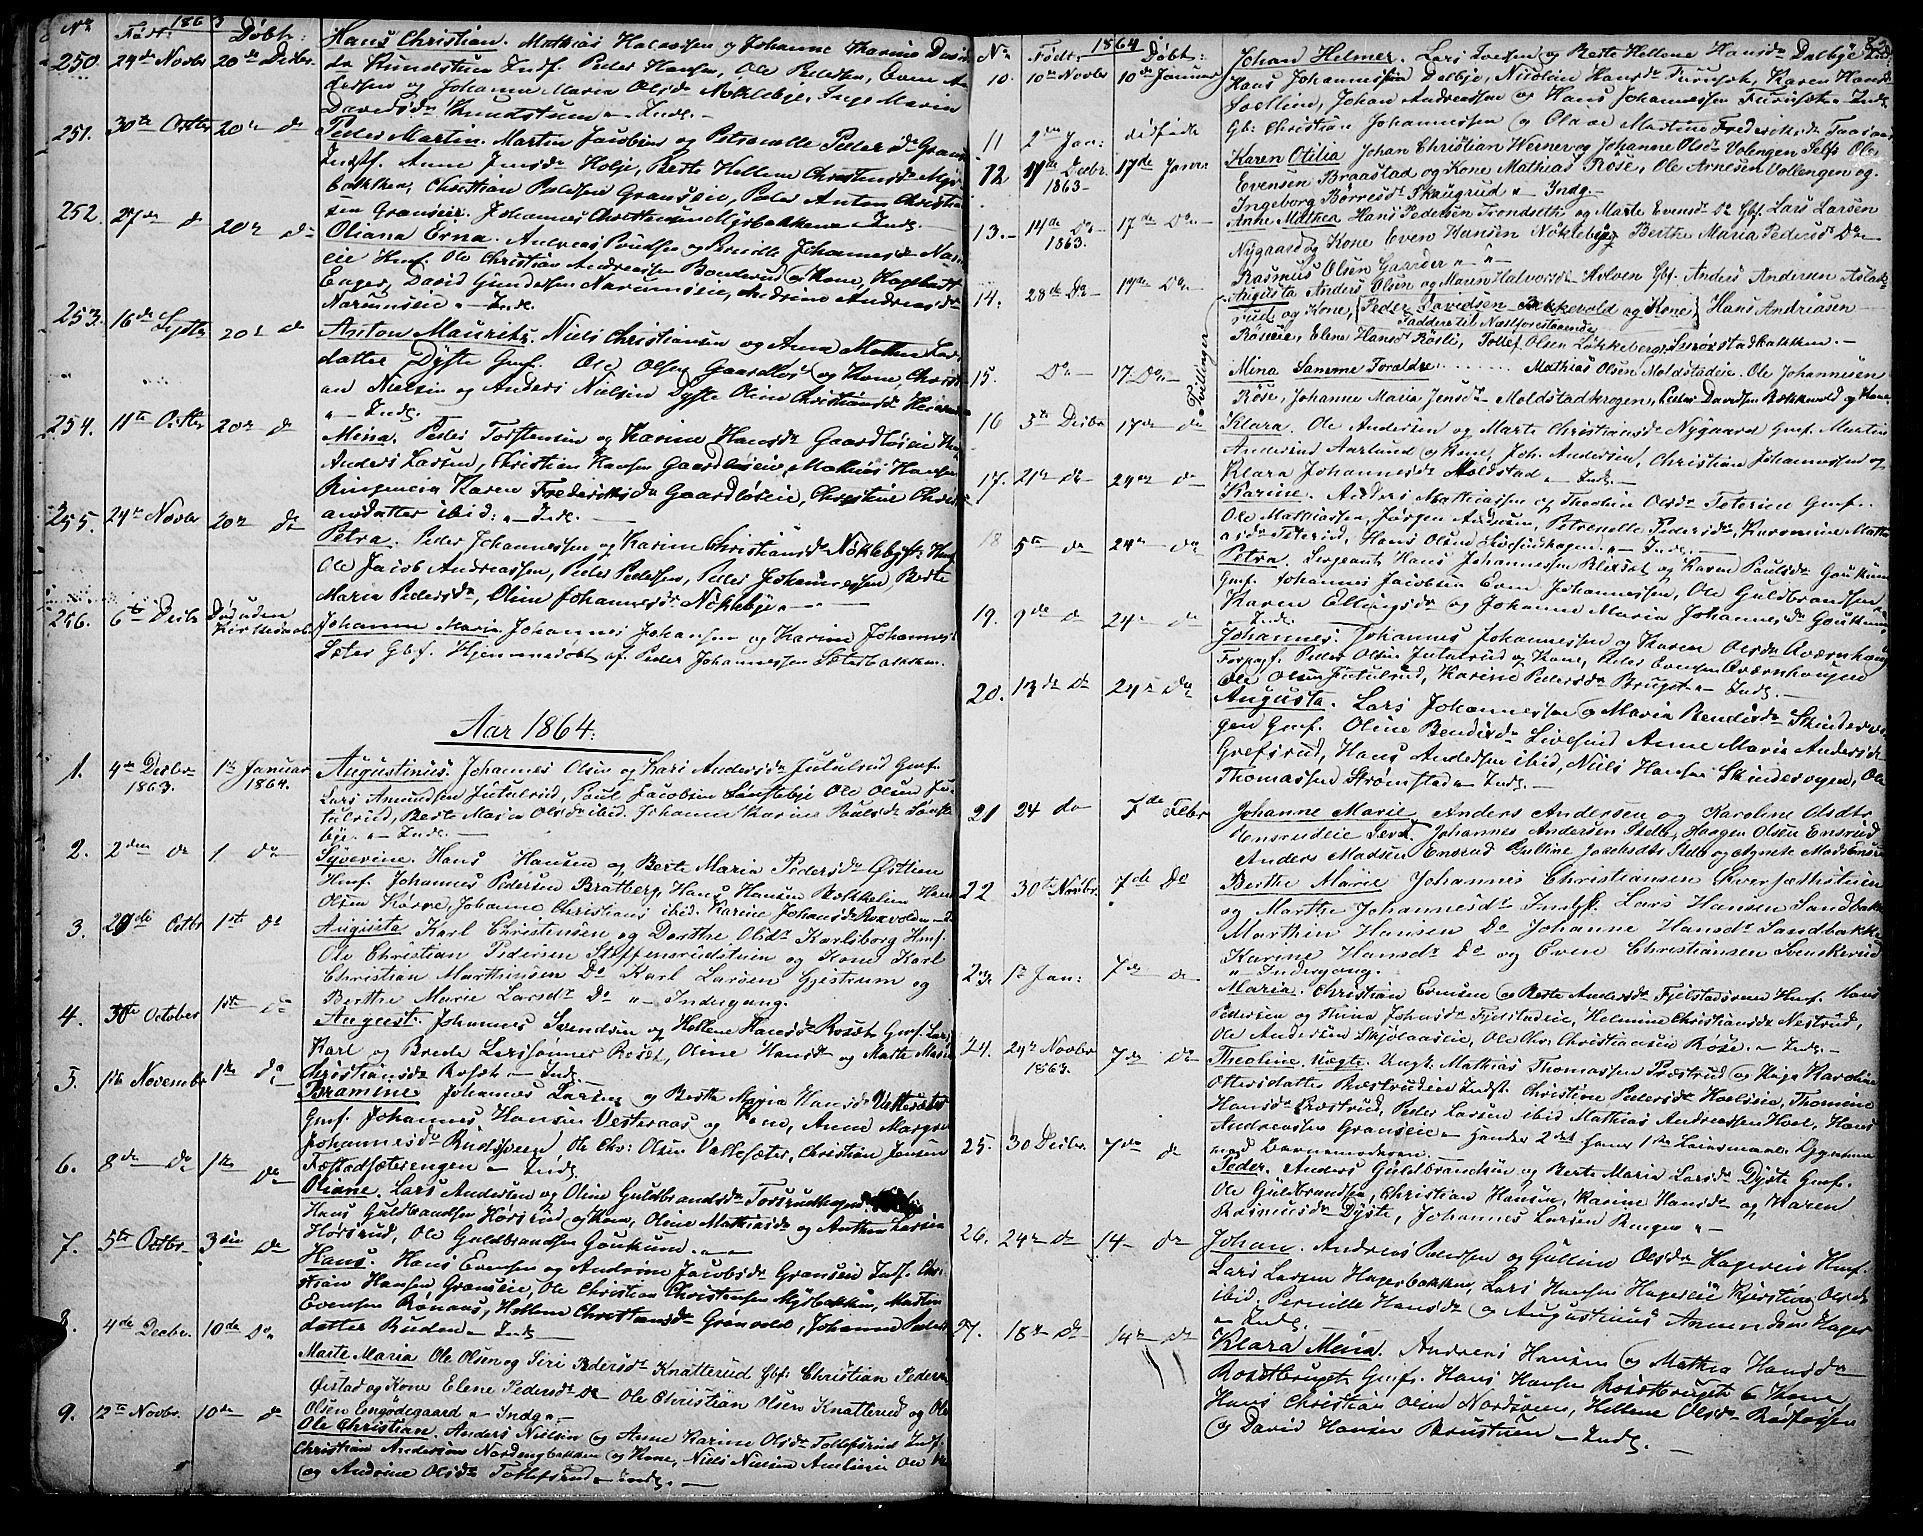 SAH, Vestre Toten prestekontor, H/Ha/Hab/L0005: Klokkerbok nr. 5, 1854-1870, s. 82